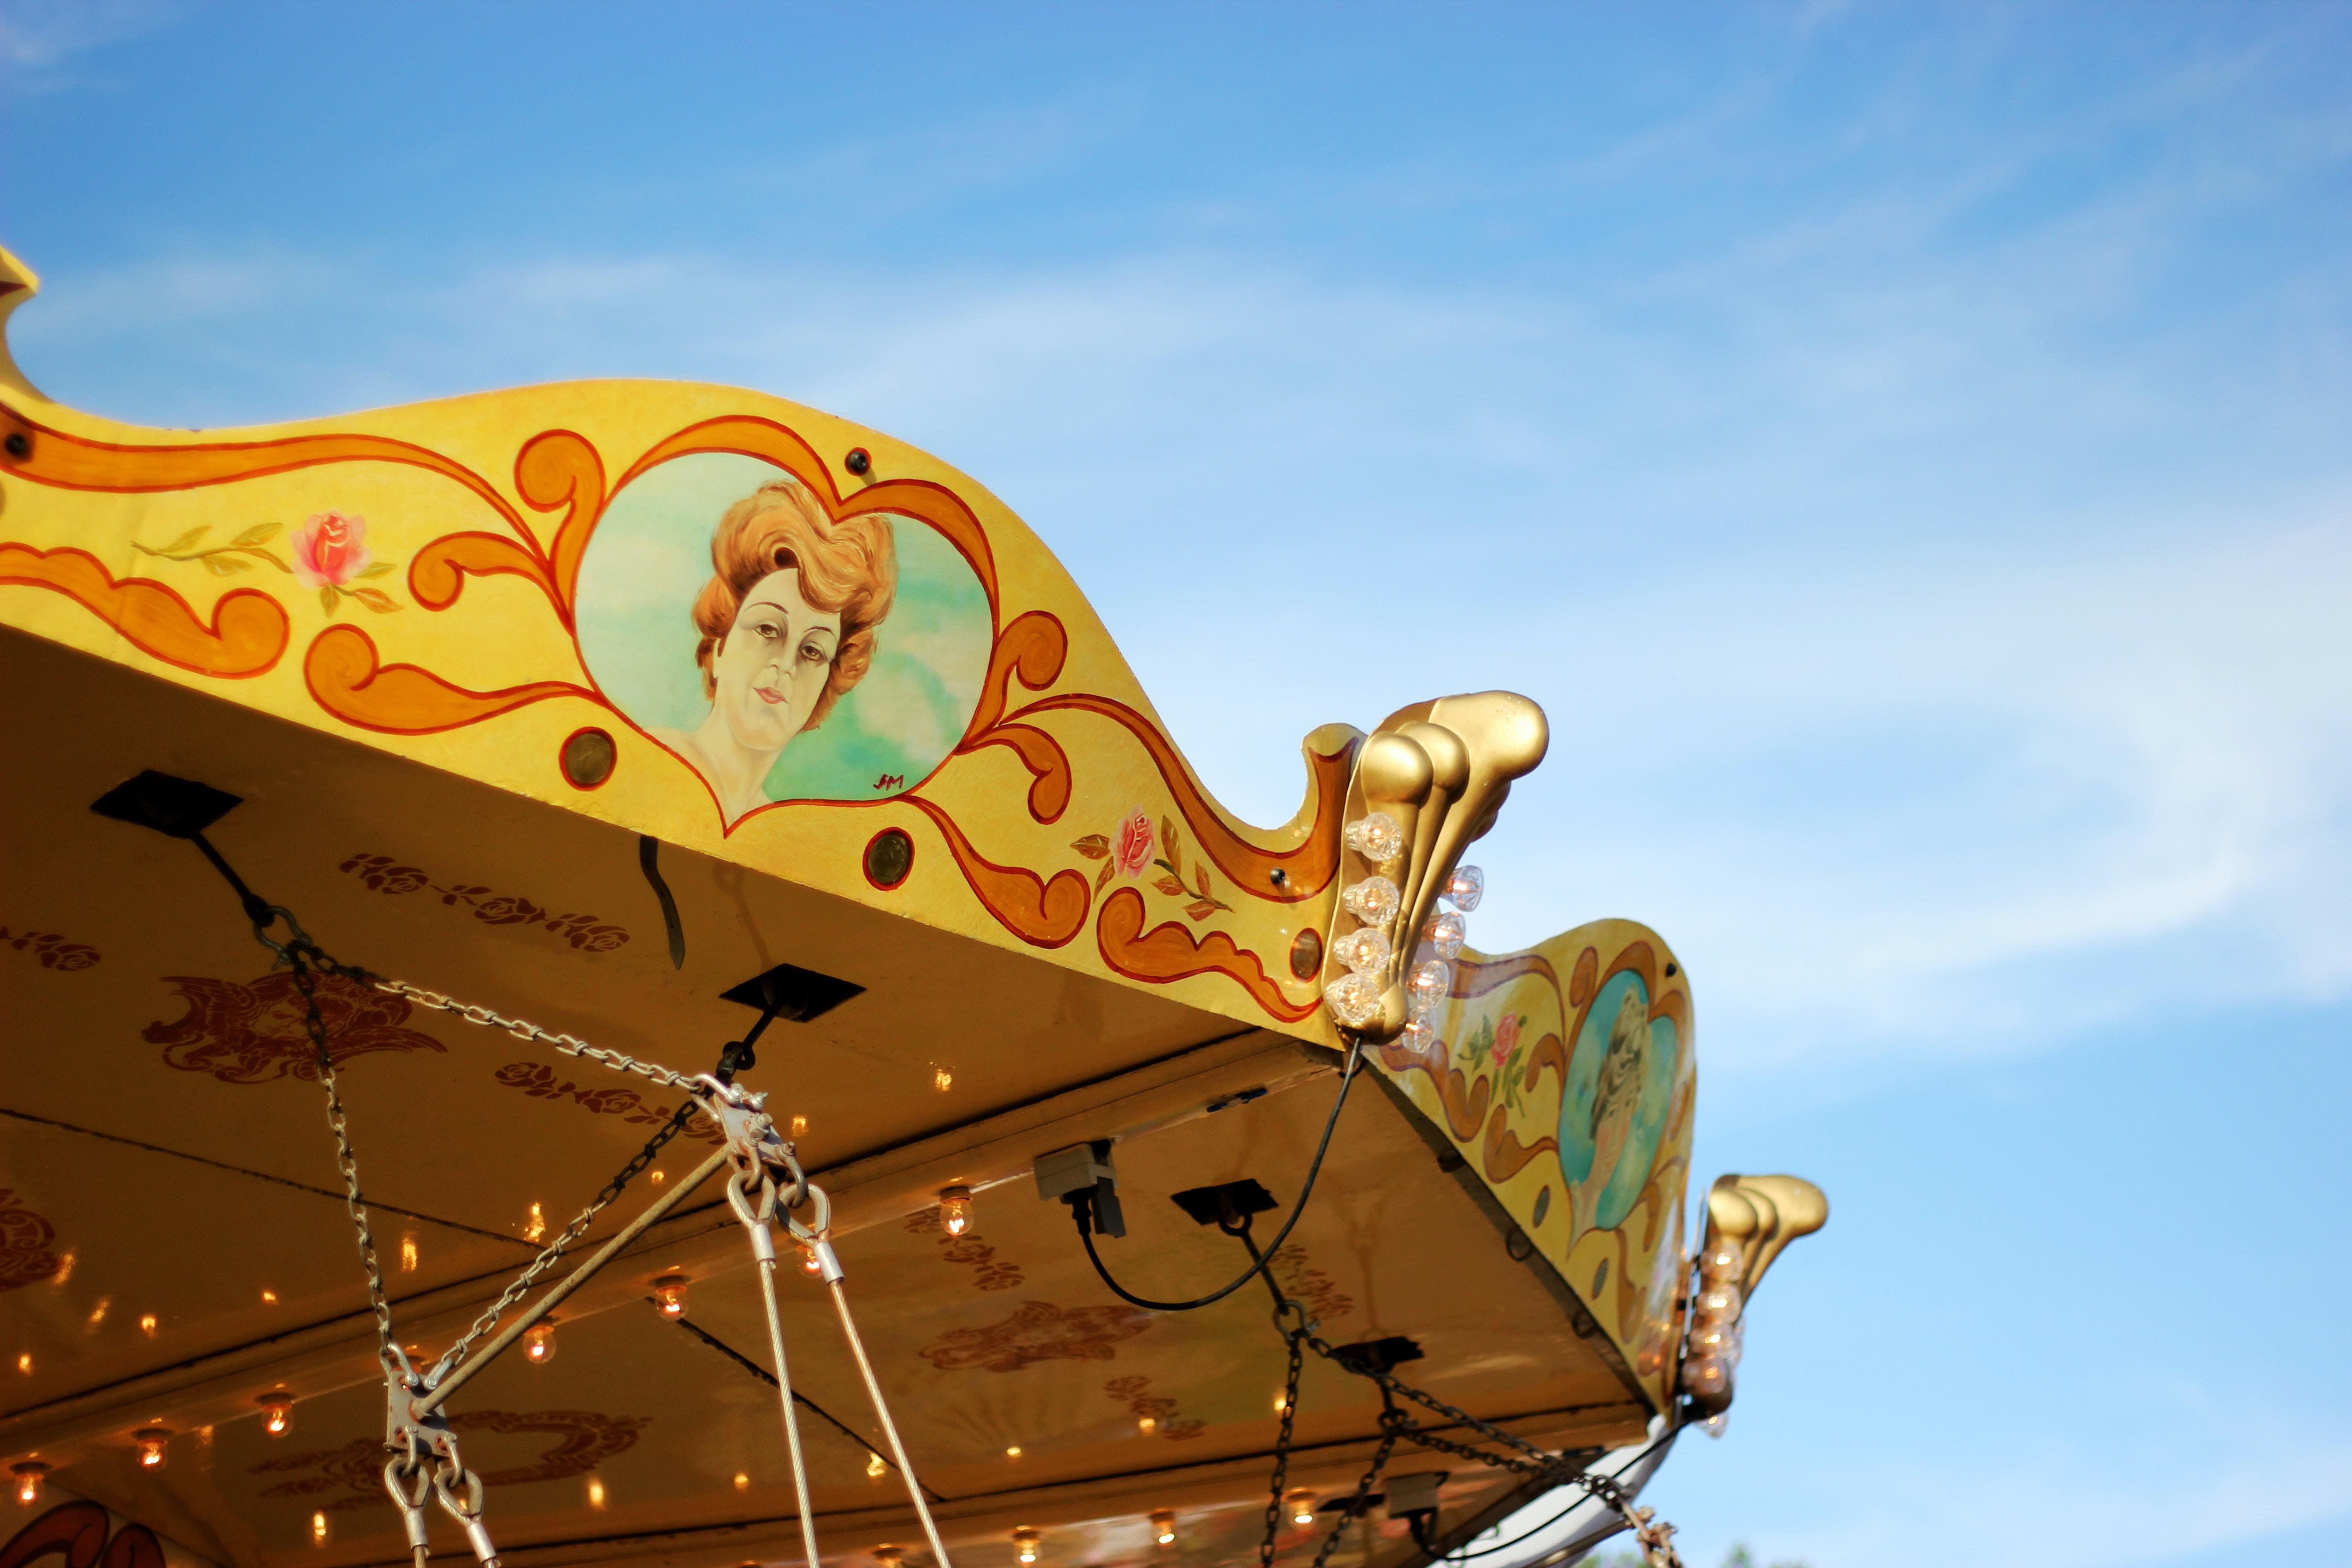 carousel under cloudy sky